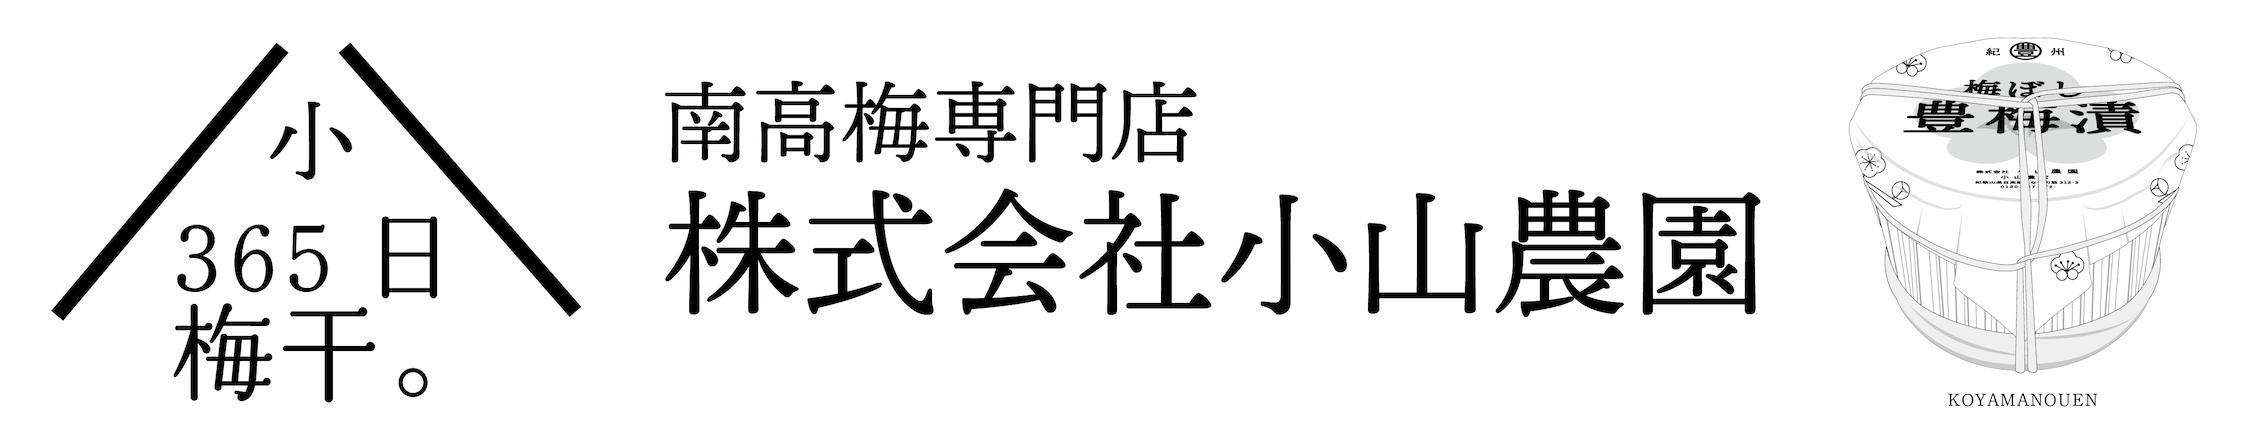 紀州梅干の通販|高級南高梅干し専門店(株)小山農園